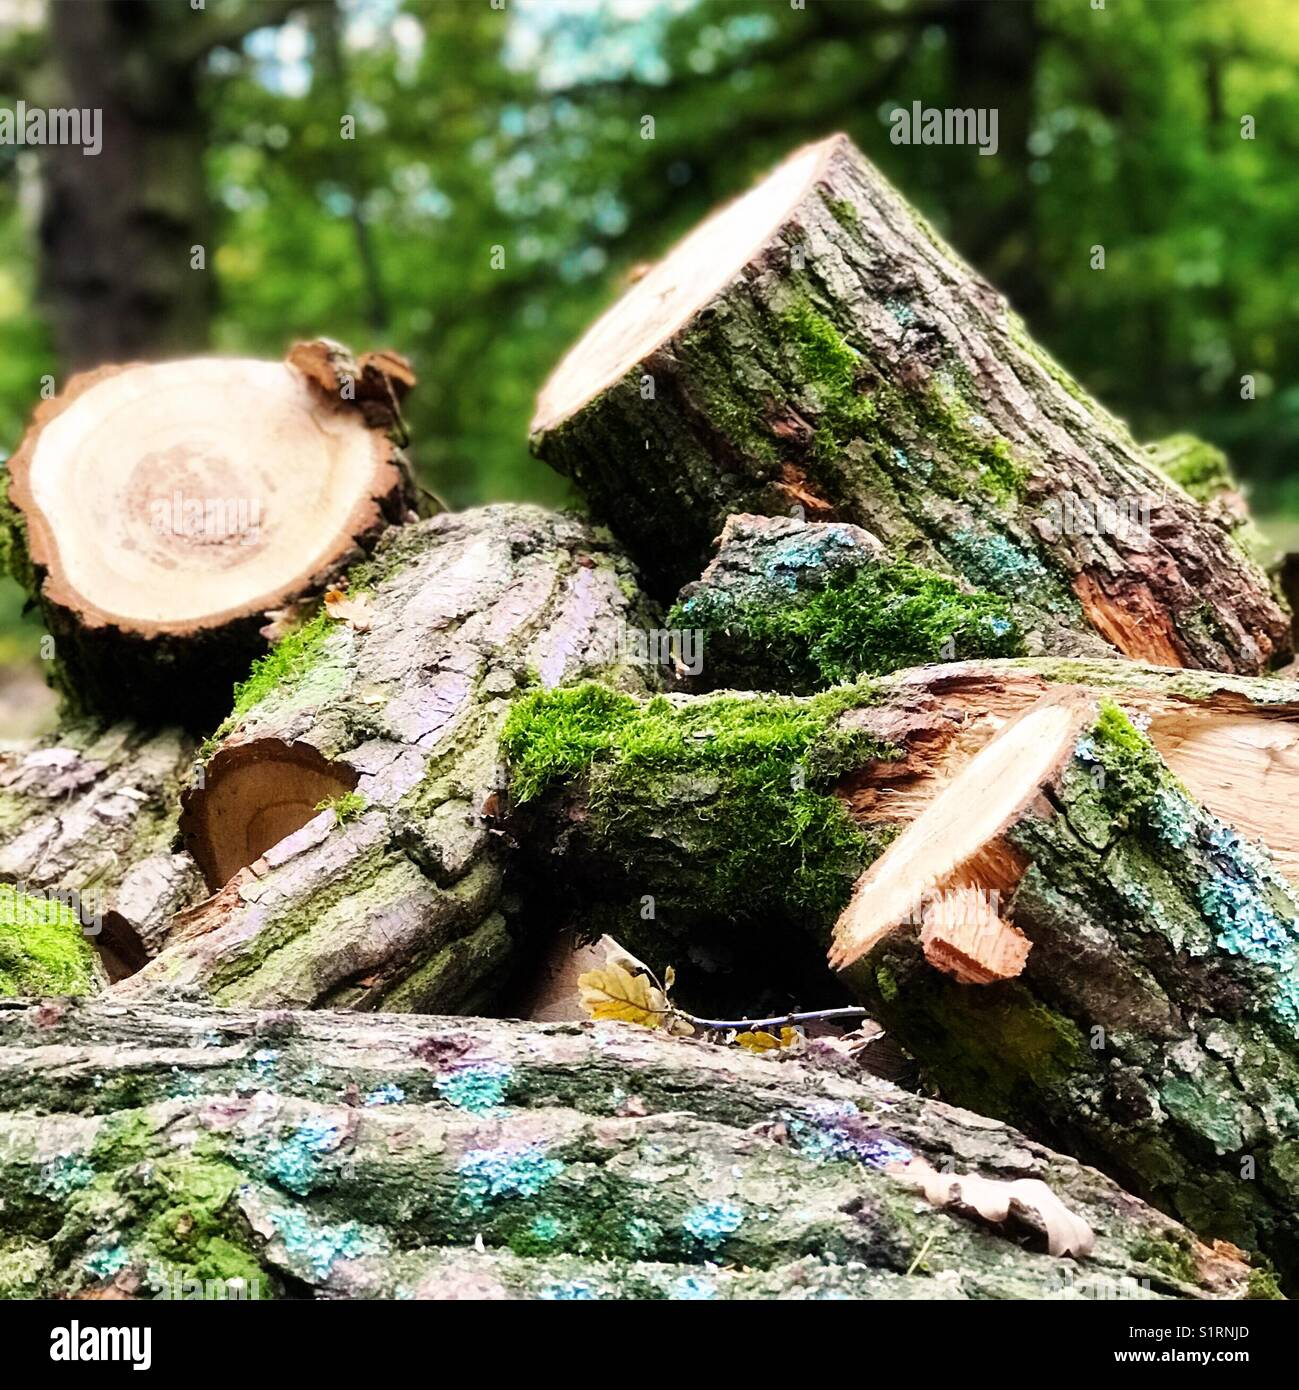 Tree logs - Stock Image